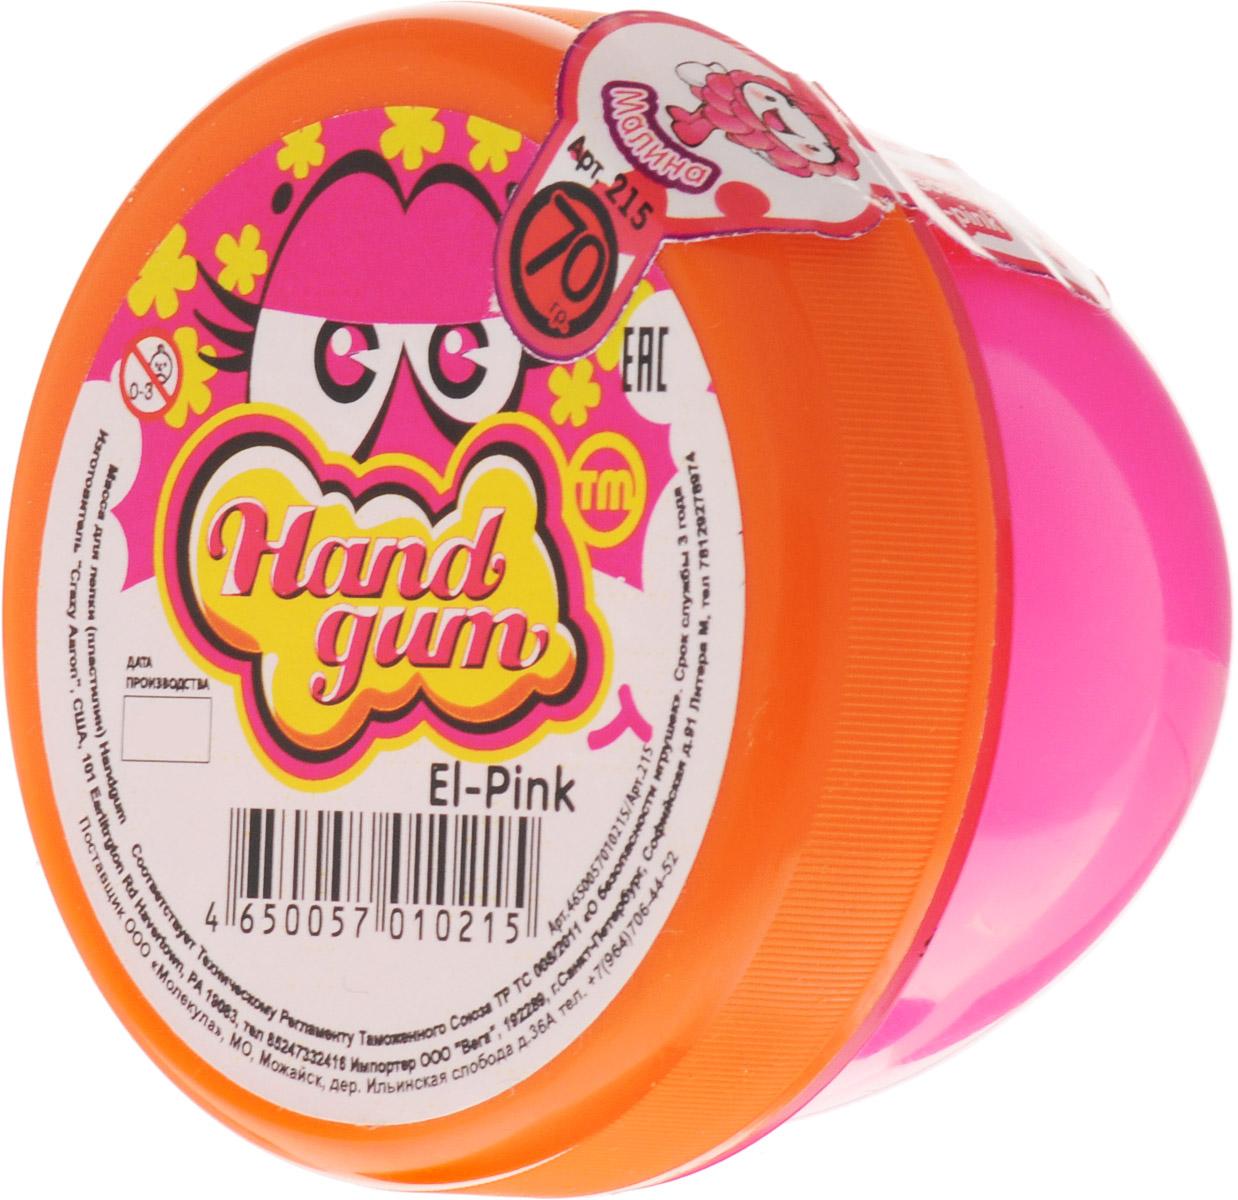 Жвачка для рук ТМ HandGum, цвет: розовый, с запахом малины, 70 г10215Жвачка для рук Hand Gum розового цвета с запахом малины подарит вам позитив и хорошие эмоции. Она радует глаз и дарит нежные тактильные ощущения, способствуя хорошему настроению. Жвачка для рук изготовлена из упругого, пластичного и приятного на ощупь материала, ее можно растягивать, как резину, а если сильно дернуть, то можно порвать. Из нее отлично получаются скульптуры, которые живут считанные минуты, постепенно превращаясь в лужи. Прилепите ее на дверную ручку - и он капнет, скатайте шарик и ударьте об пол - он подпрыгнет. Кубик, кстати, тоже подпрыгнет, но совсем не туда, куда ожидается. Характеристики: Цвет: розовый. Вес: 70 г. Размер упаковки: 5,5 см х 6 см х 6 см.